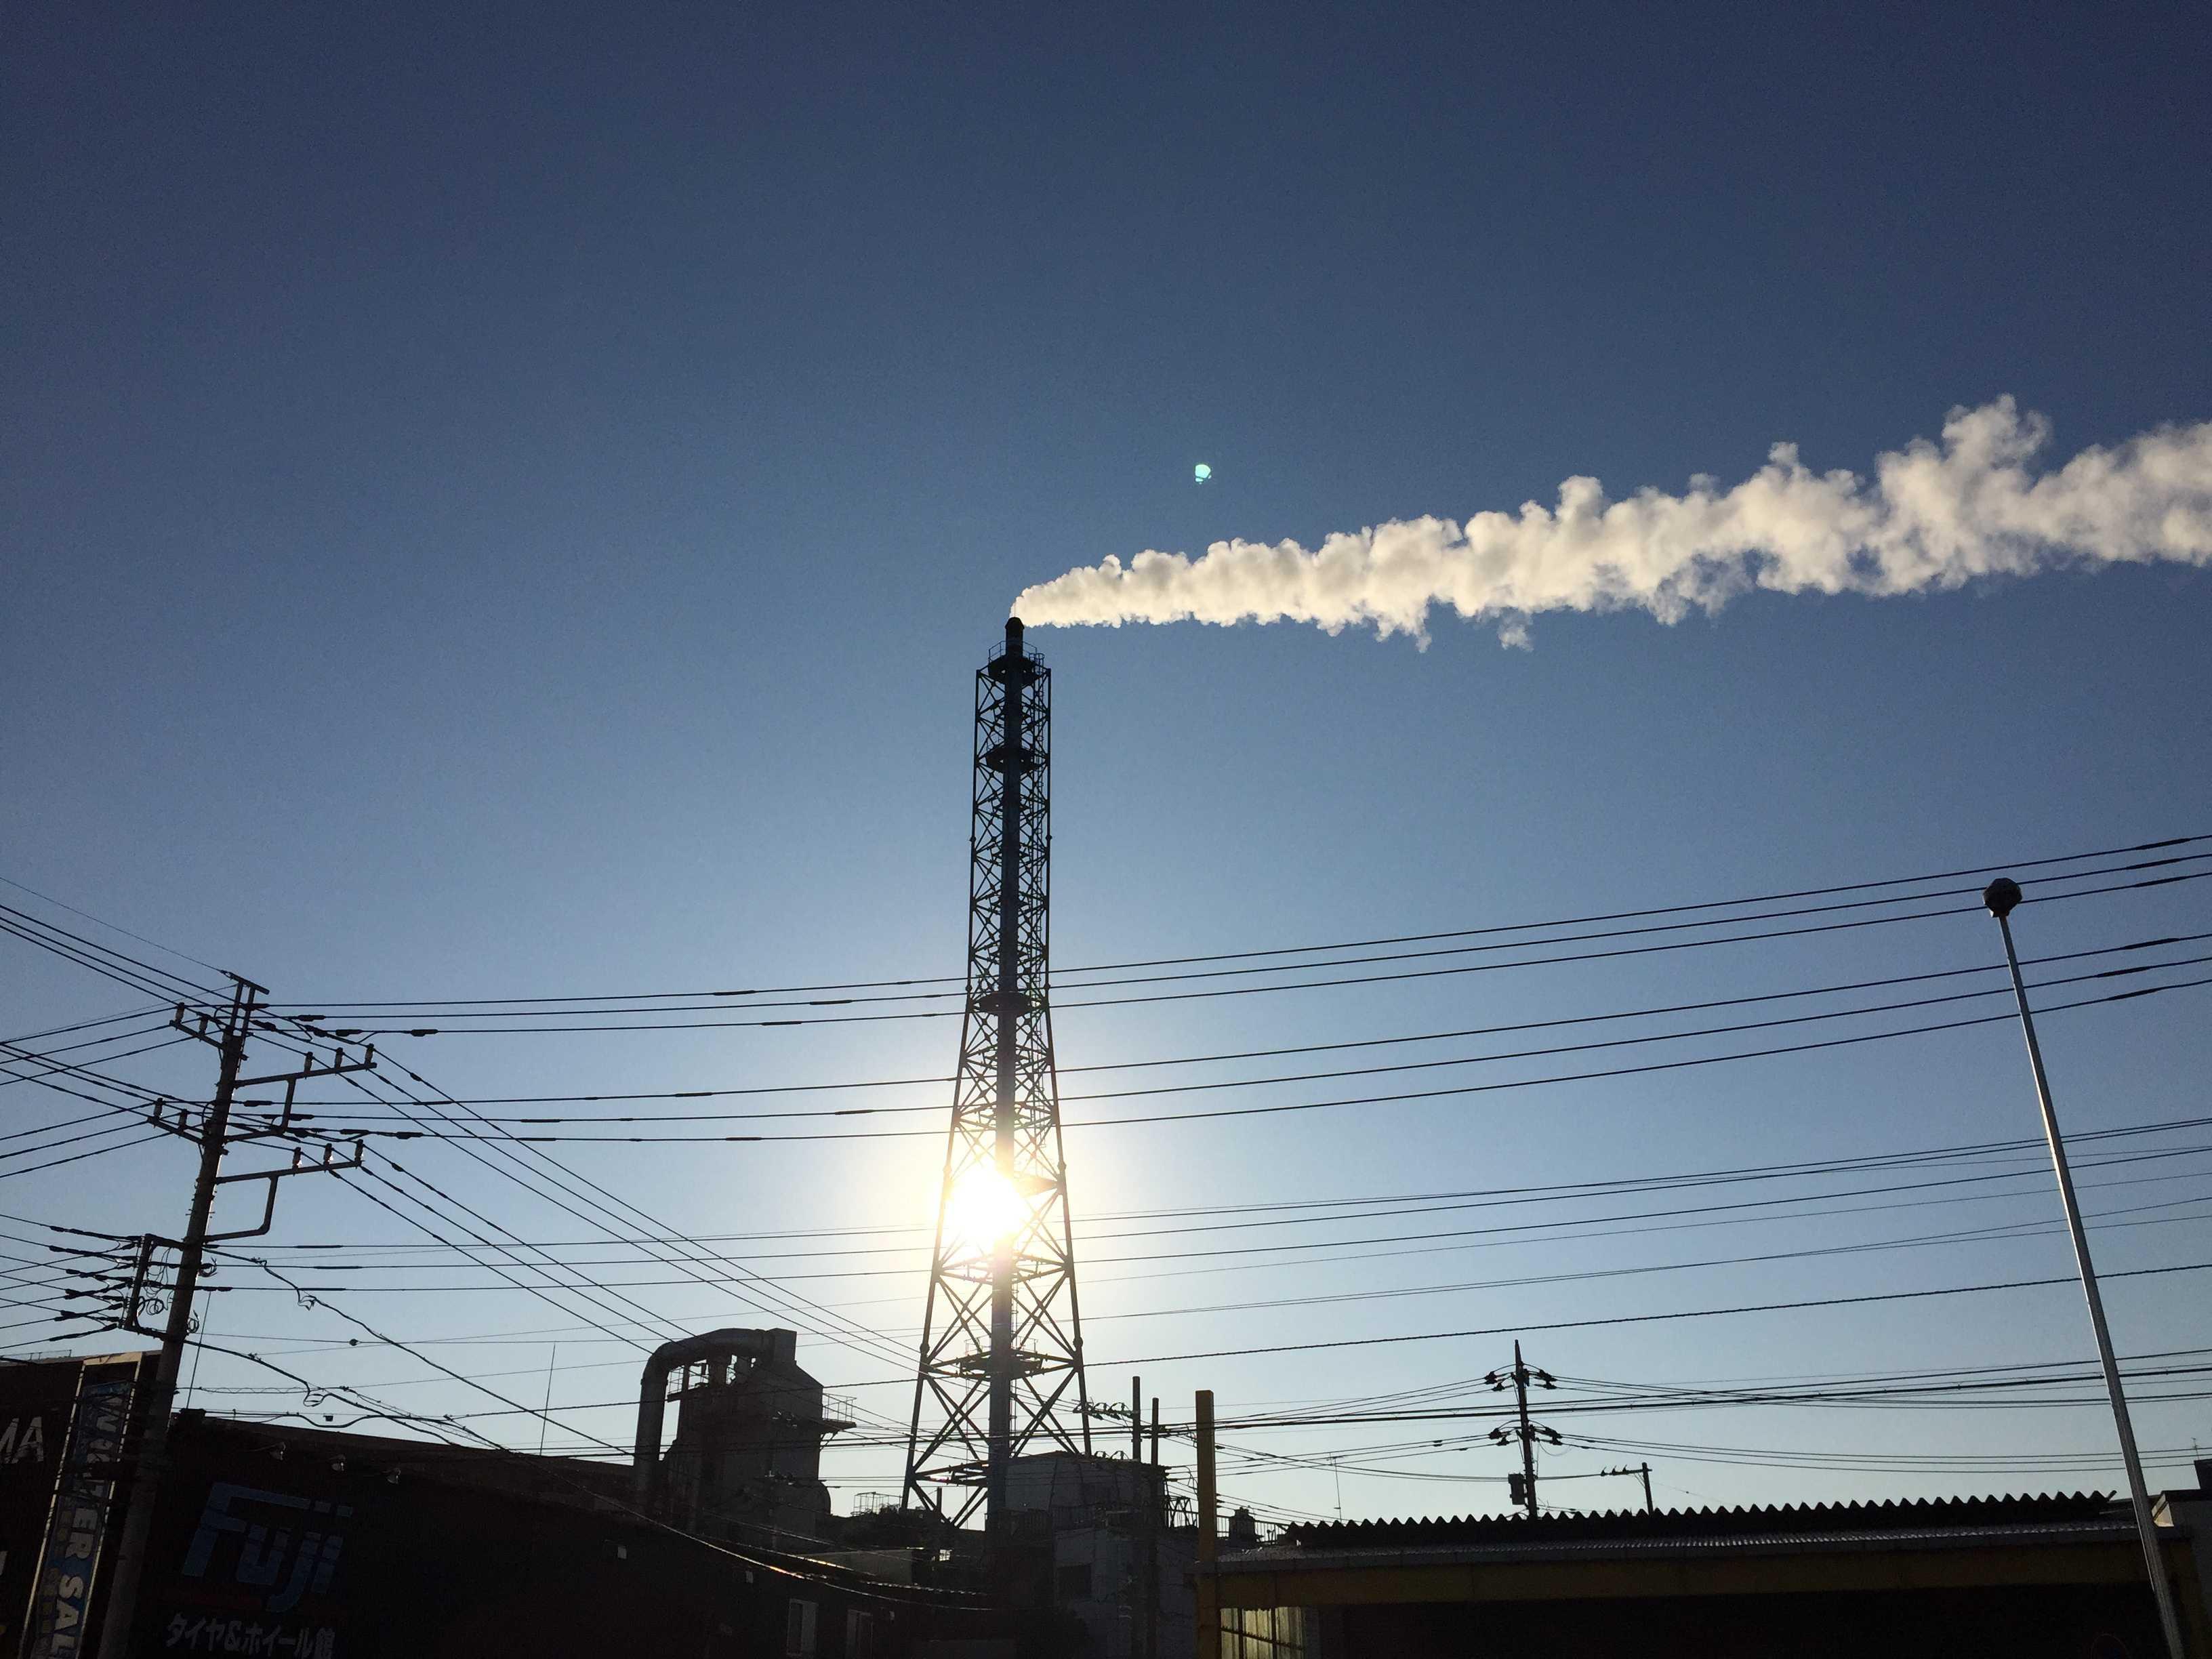 三友プラントサービス 第一工場の煙突(神奈川県相模原市)